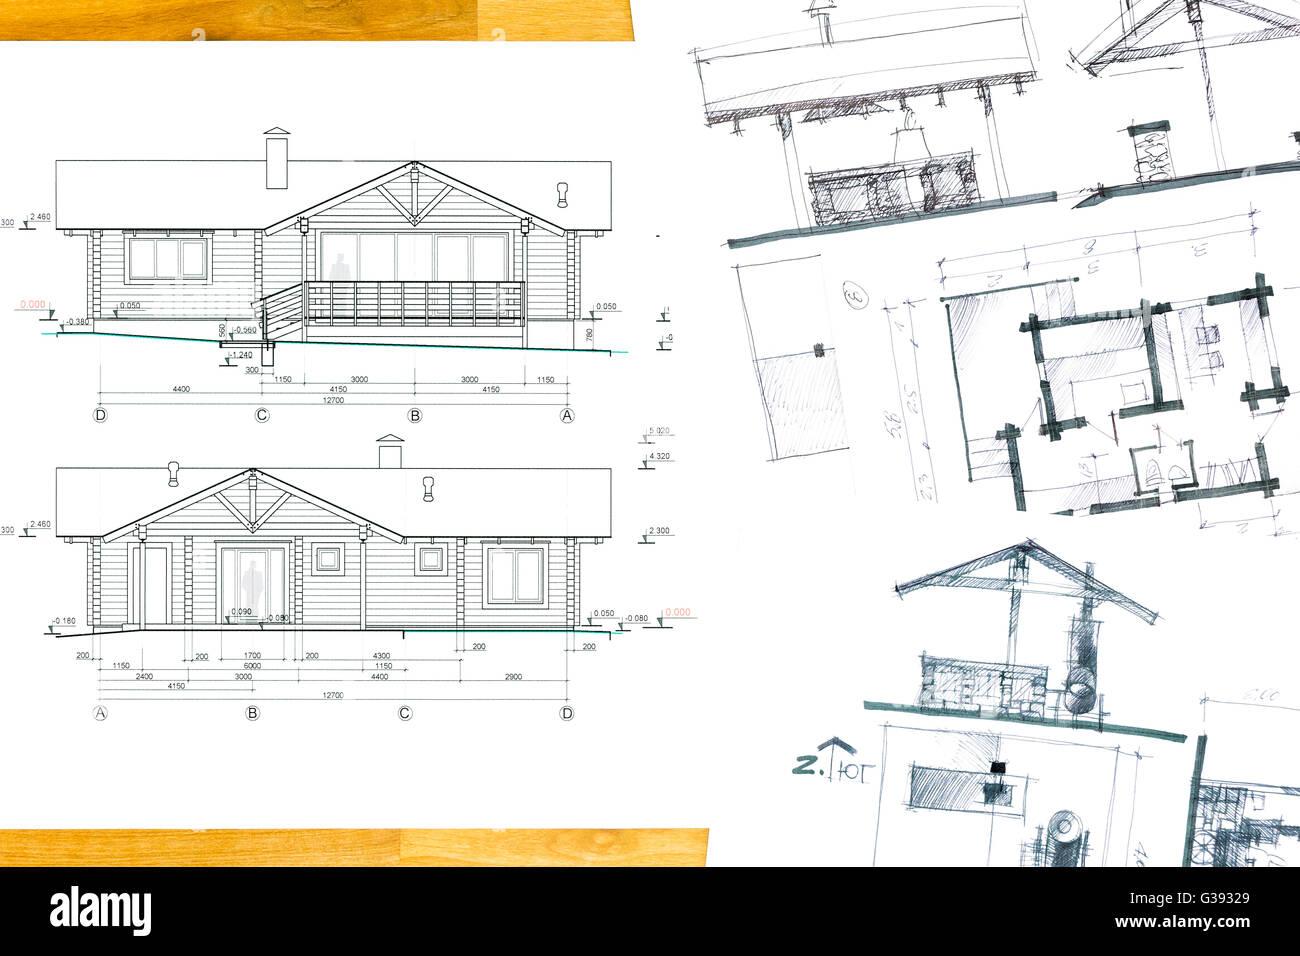 Projekt Des Hauses Mit Architekturskizzen Auf Holzernen Hintergrund Stockbild